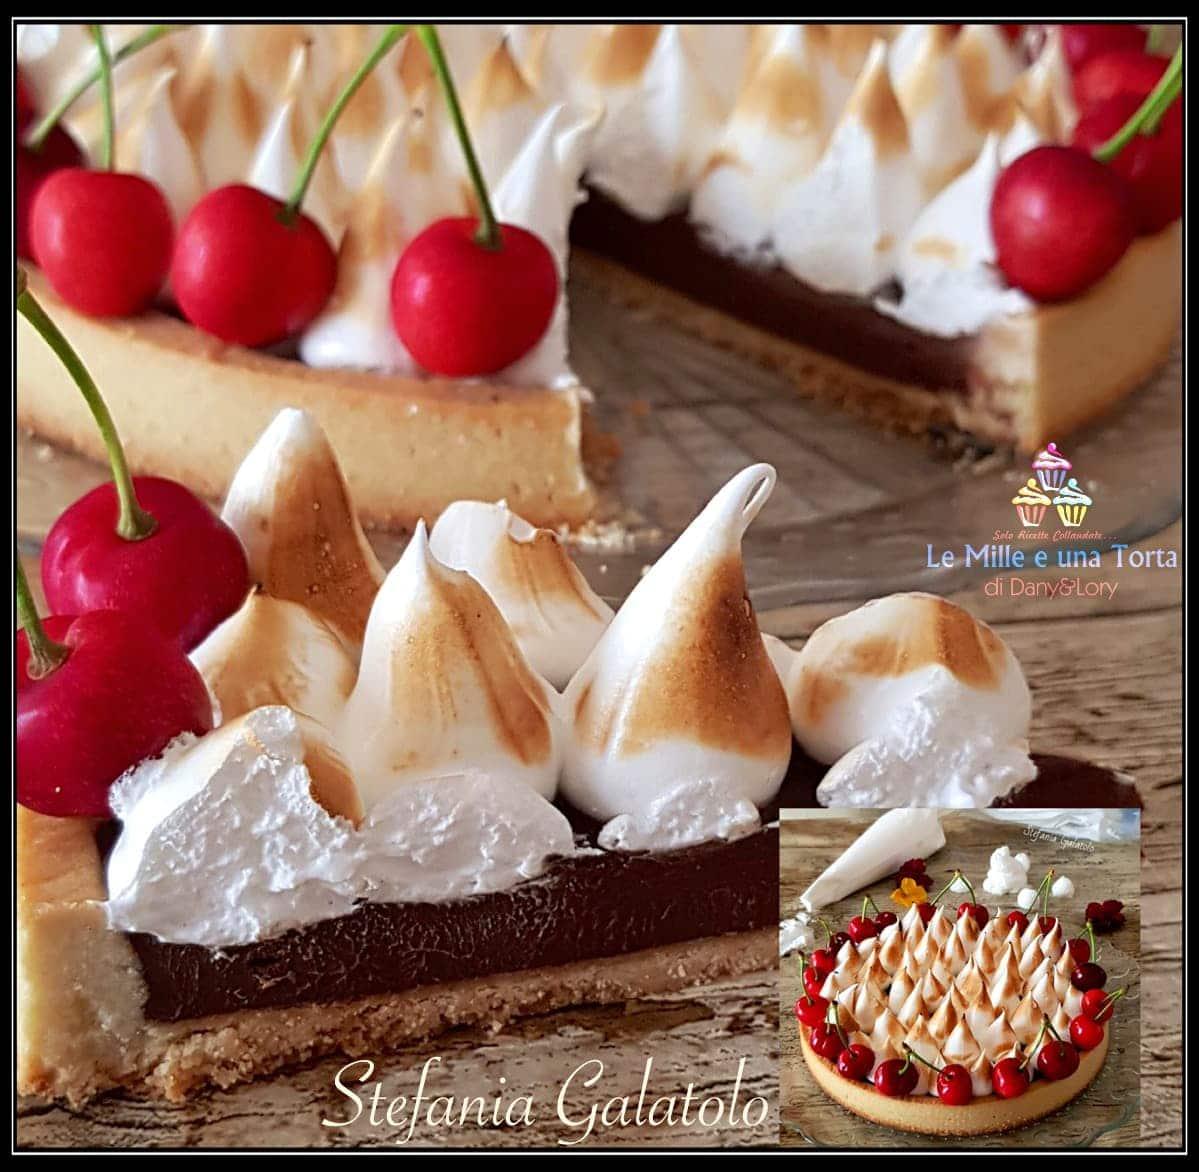 Crostata Al Cioccolato Con Meringa Allitaliana E Ciliegie 2